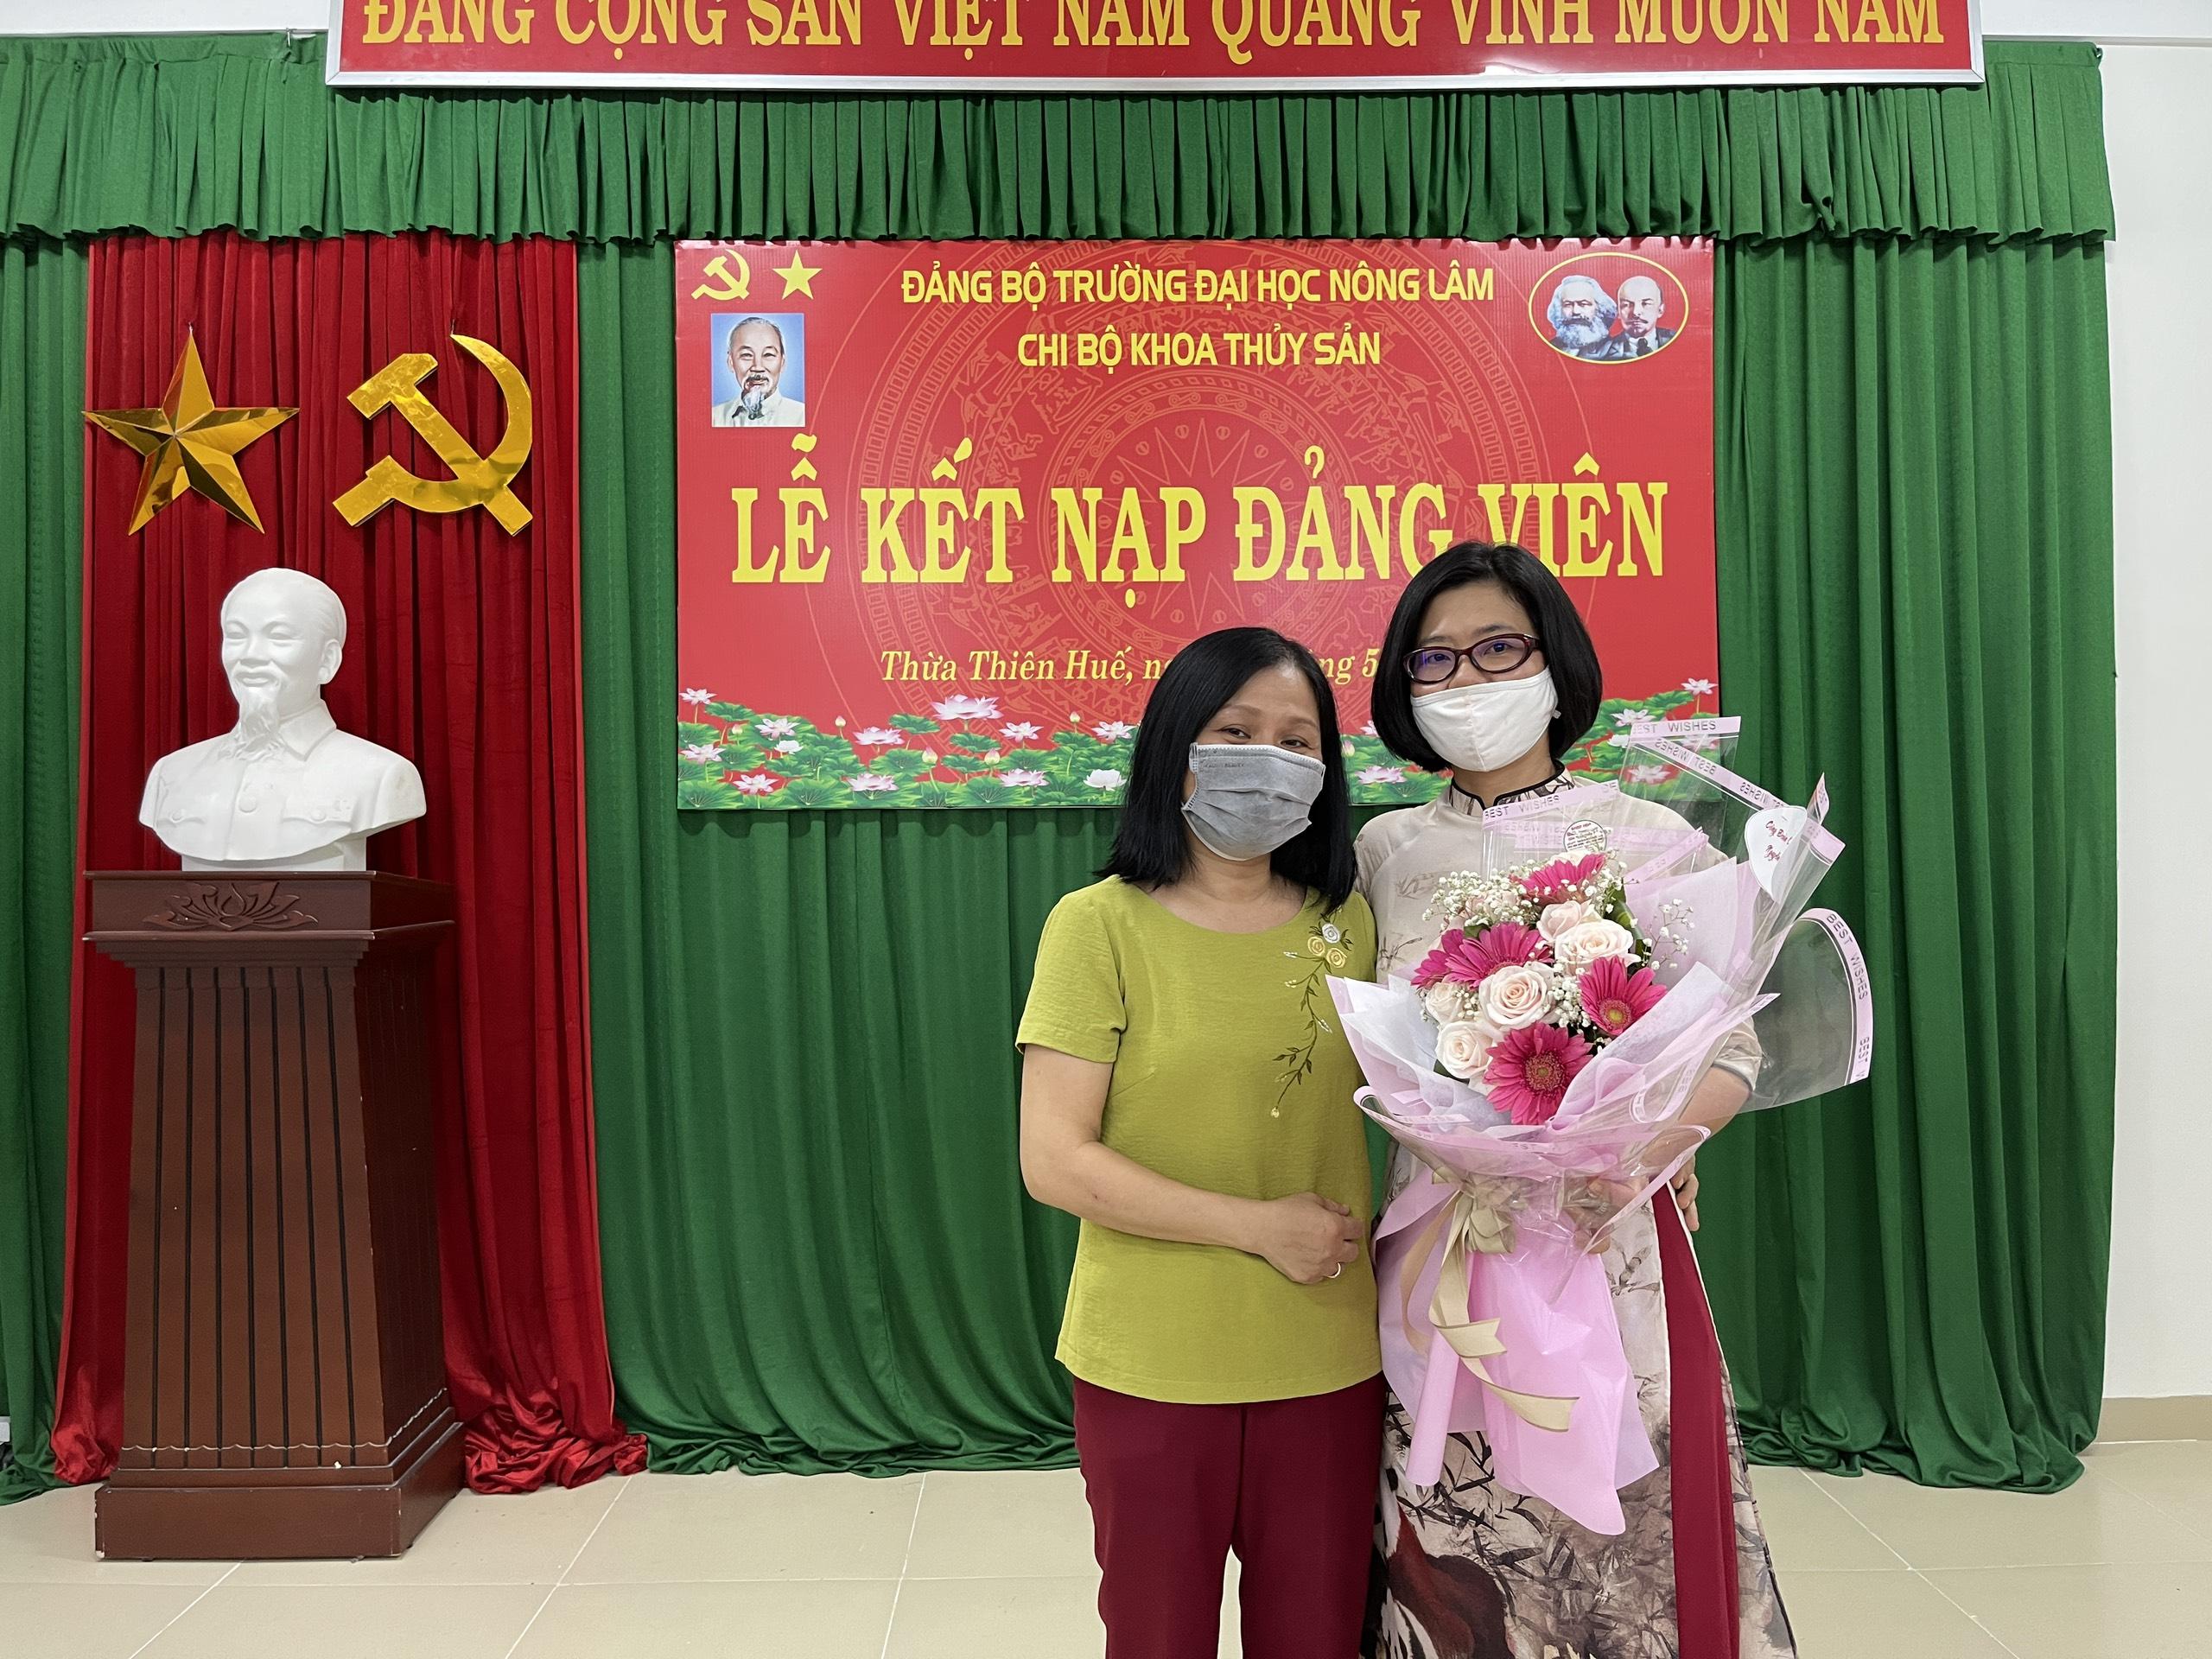 Đại diện Công đoàn khoa Thủy sản tặng hoa chúc mừng đồng chí Nguyễn Thị Xuân Hồng